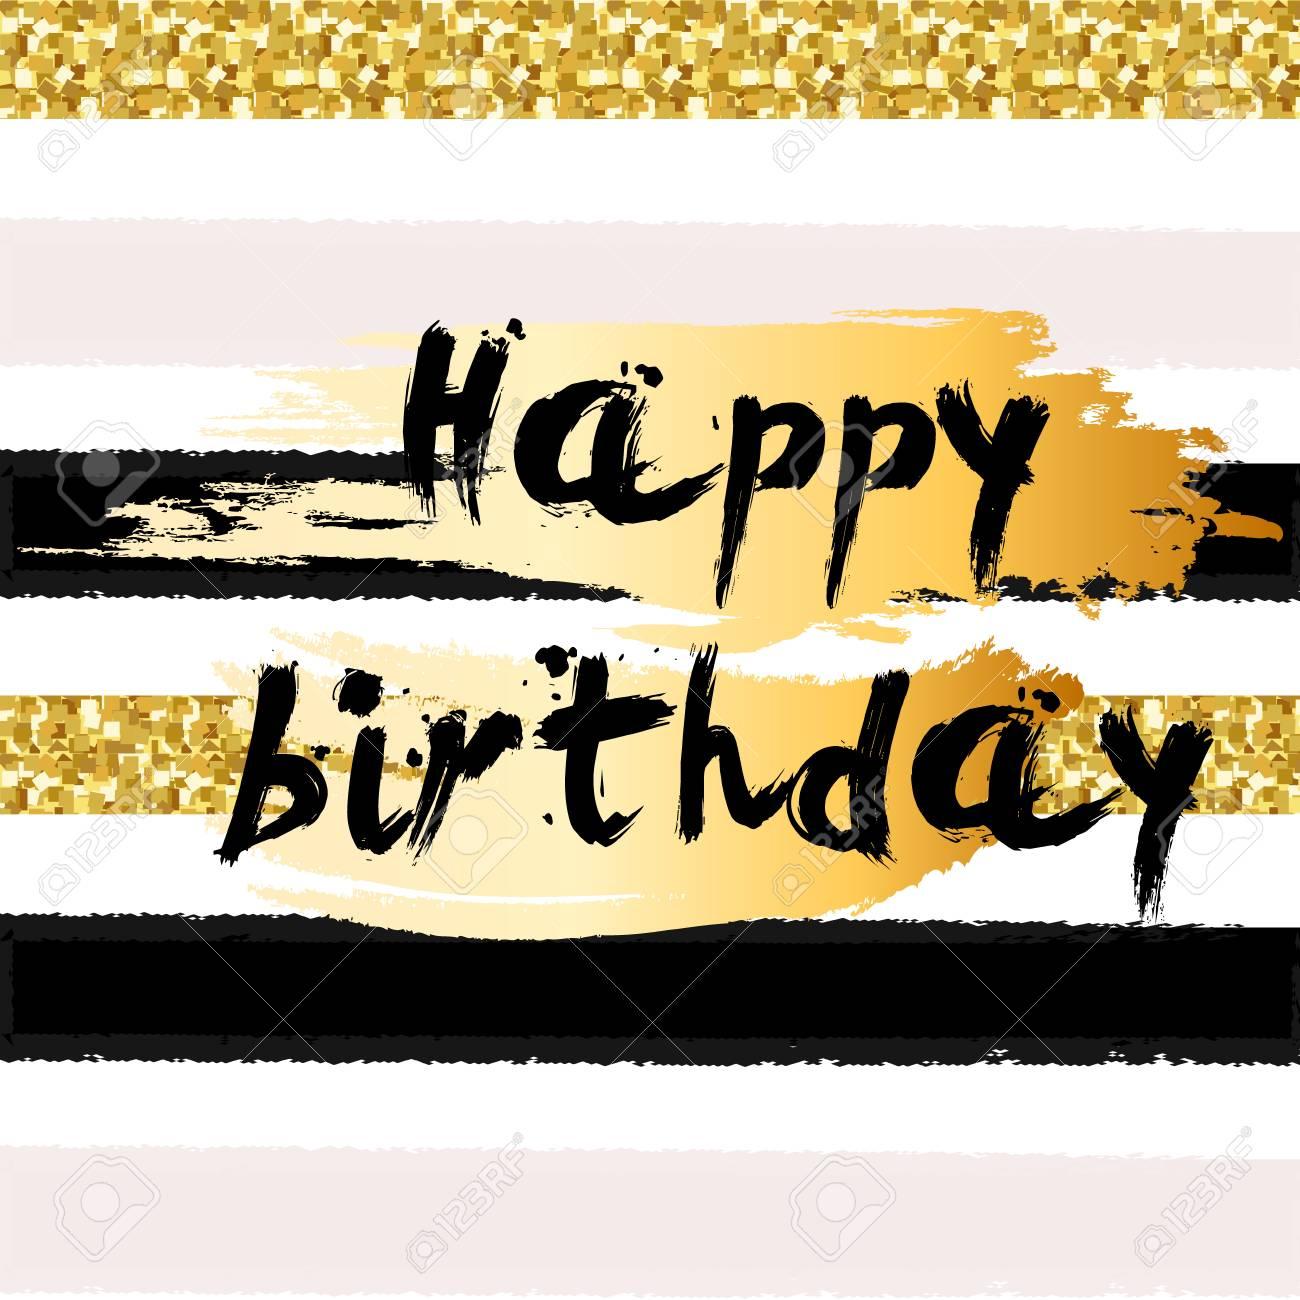 Oro Brilla Fondo Feliz Cumpleaños Logotipo De Felicitación Para Tarjeta Folleto Cartel Signo Bandera Web Postal Invitación Telón De Fondo